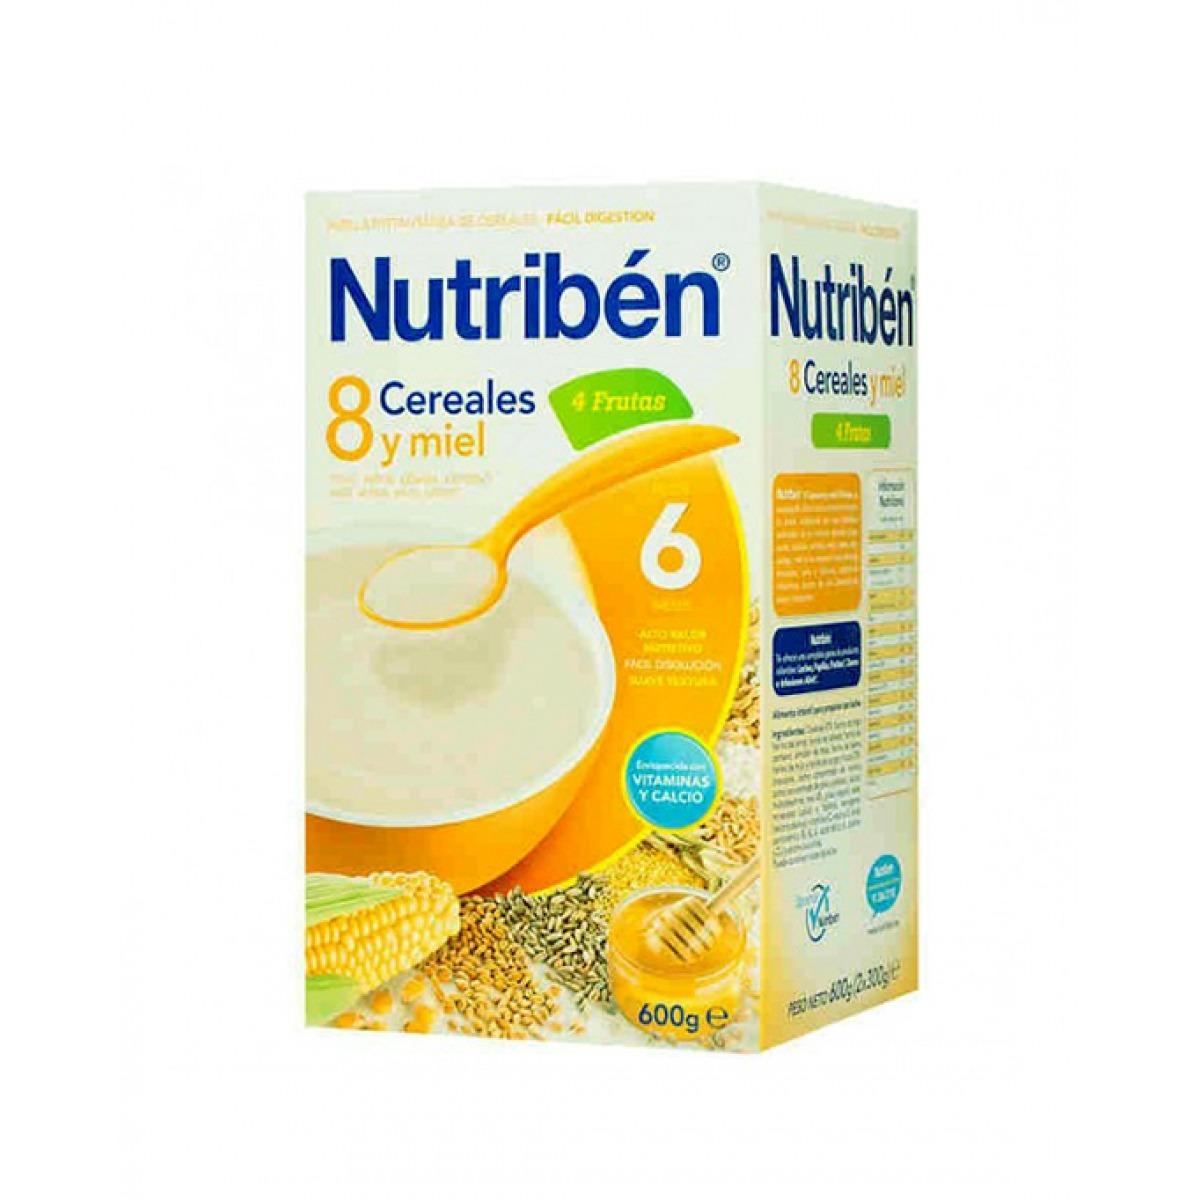 NUTRIBEN 8 CEREALES Y MIEL 4 FRUTAS 600 G.